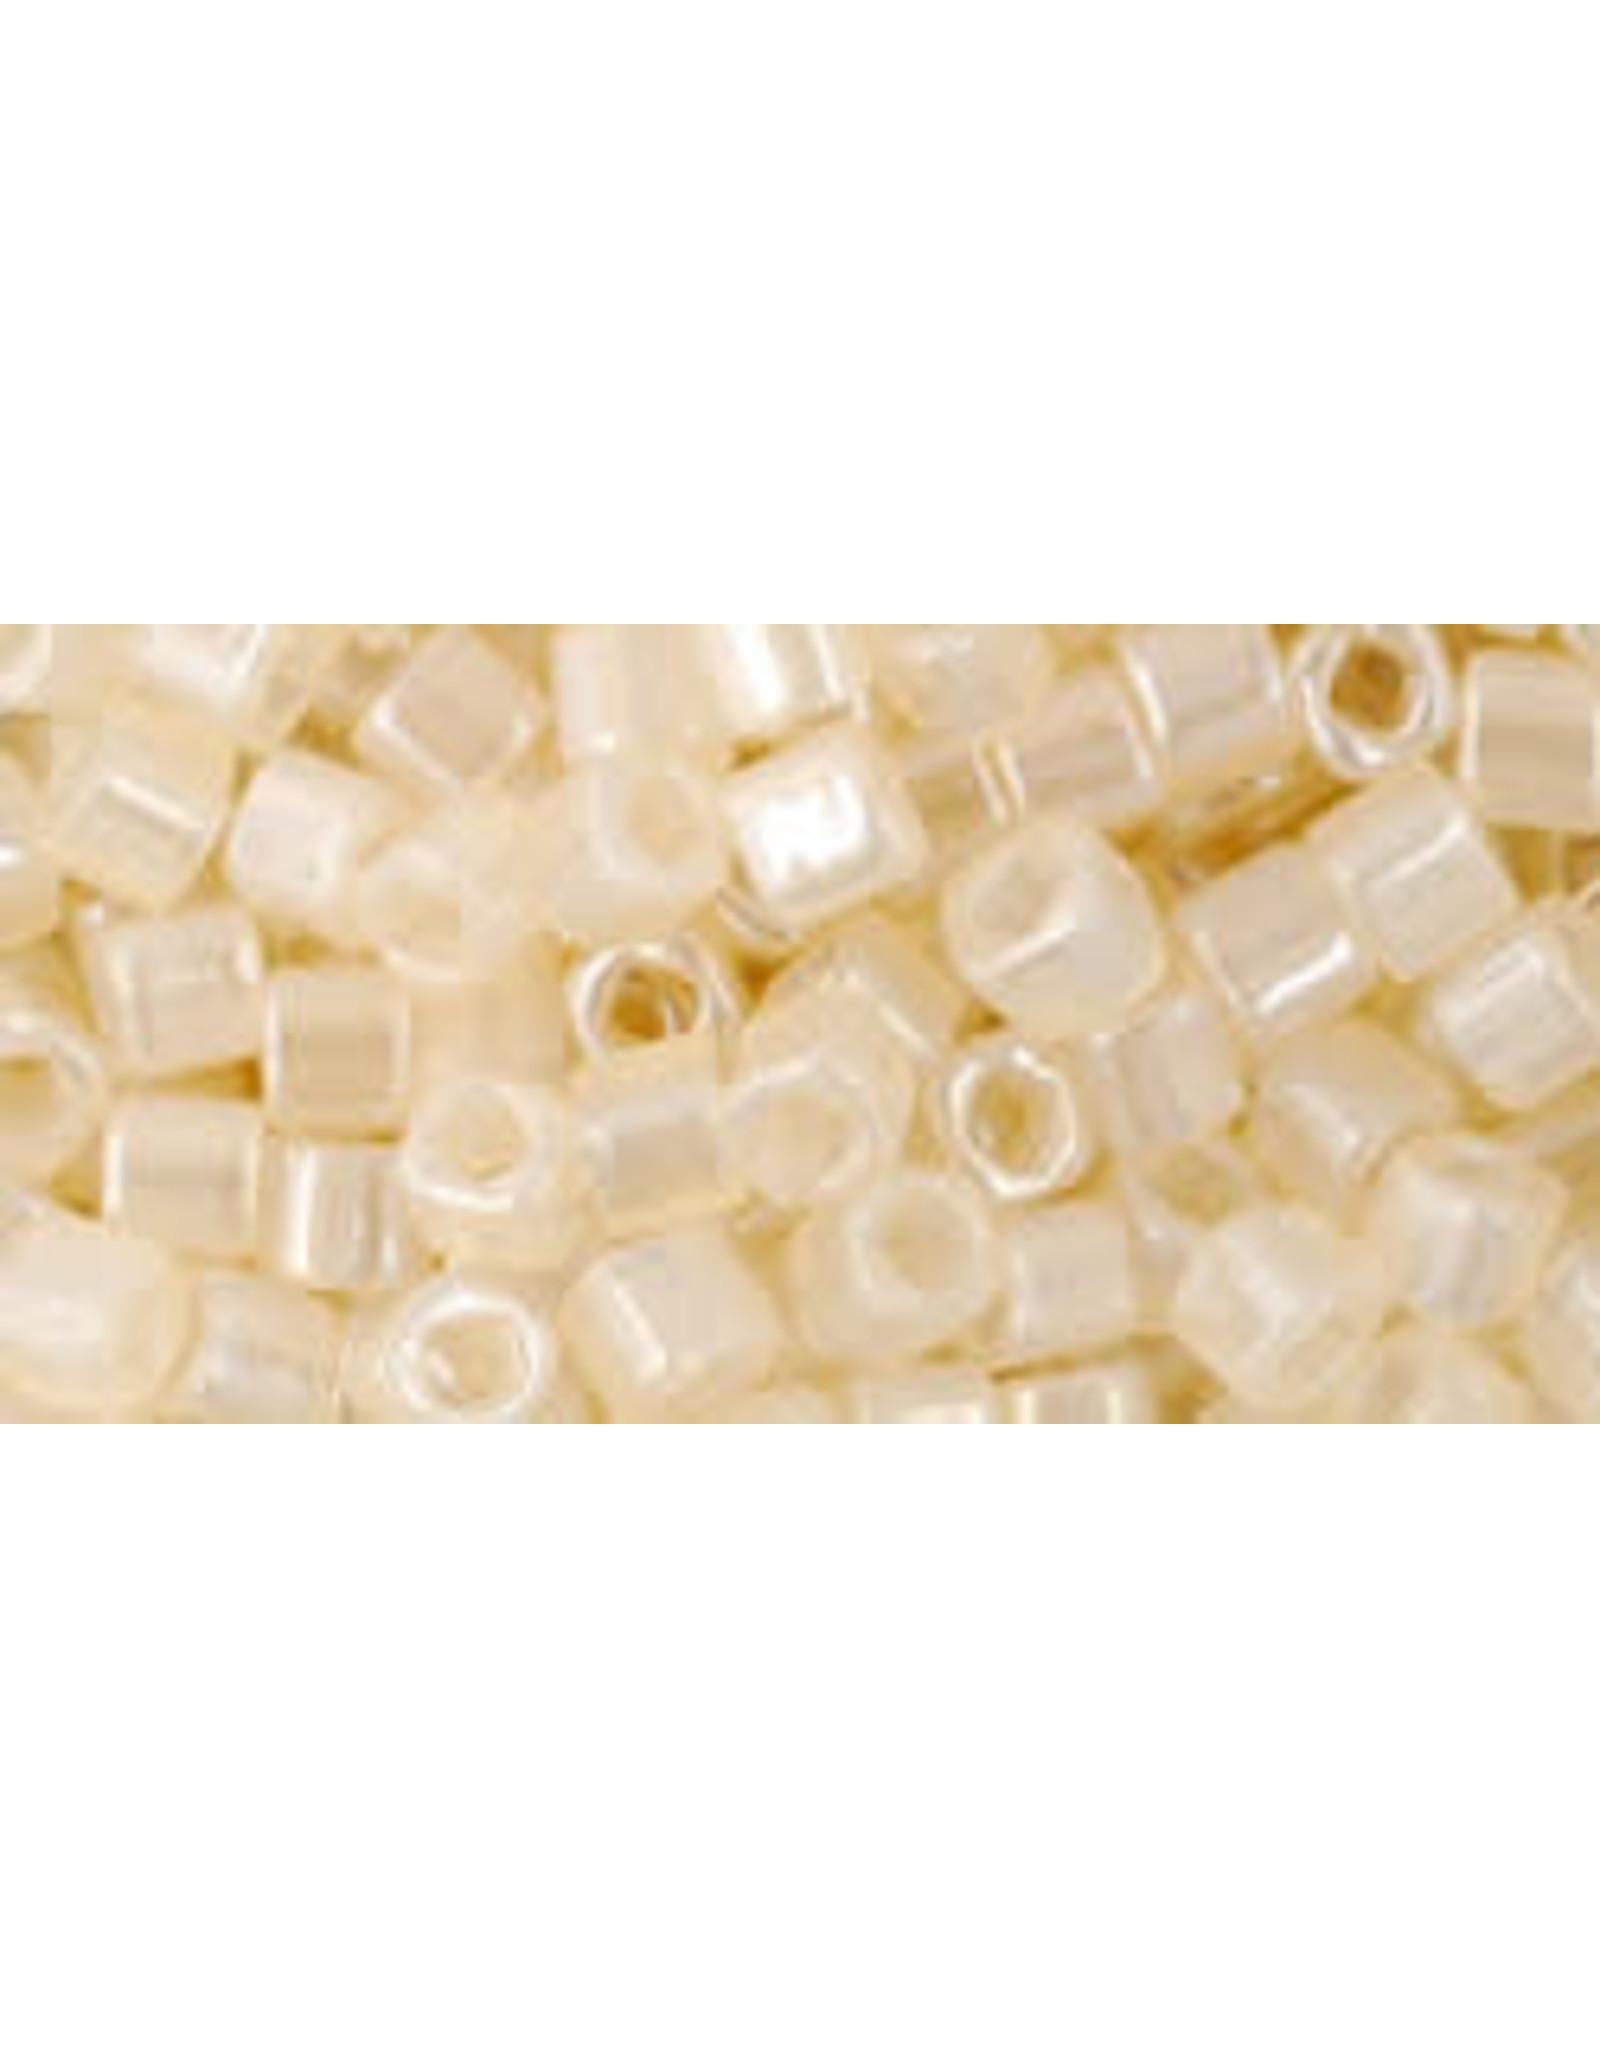 Toho 147  3mm  Cube  6g  Ceylon Ivory